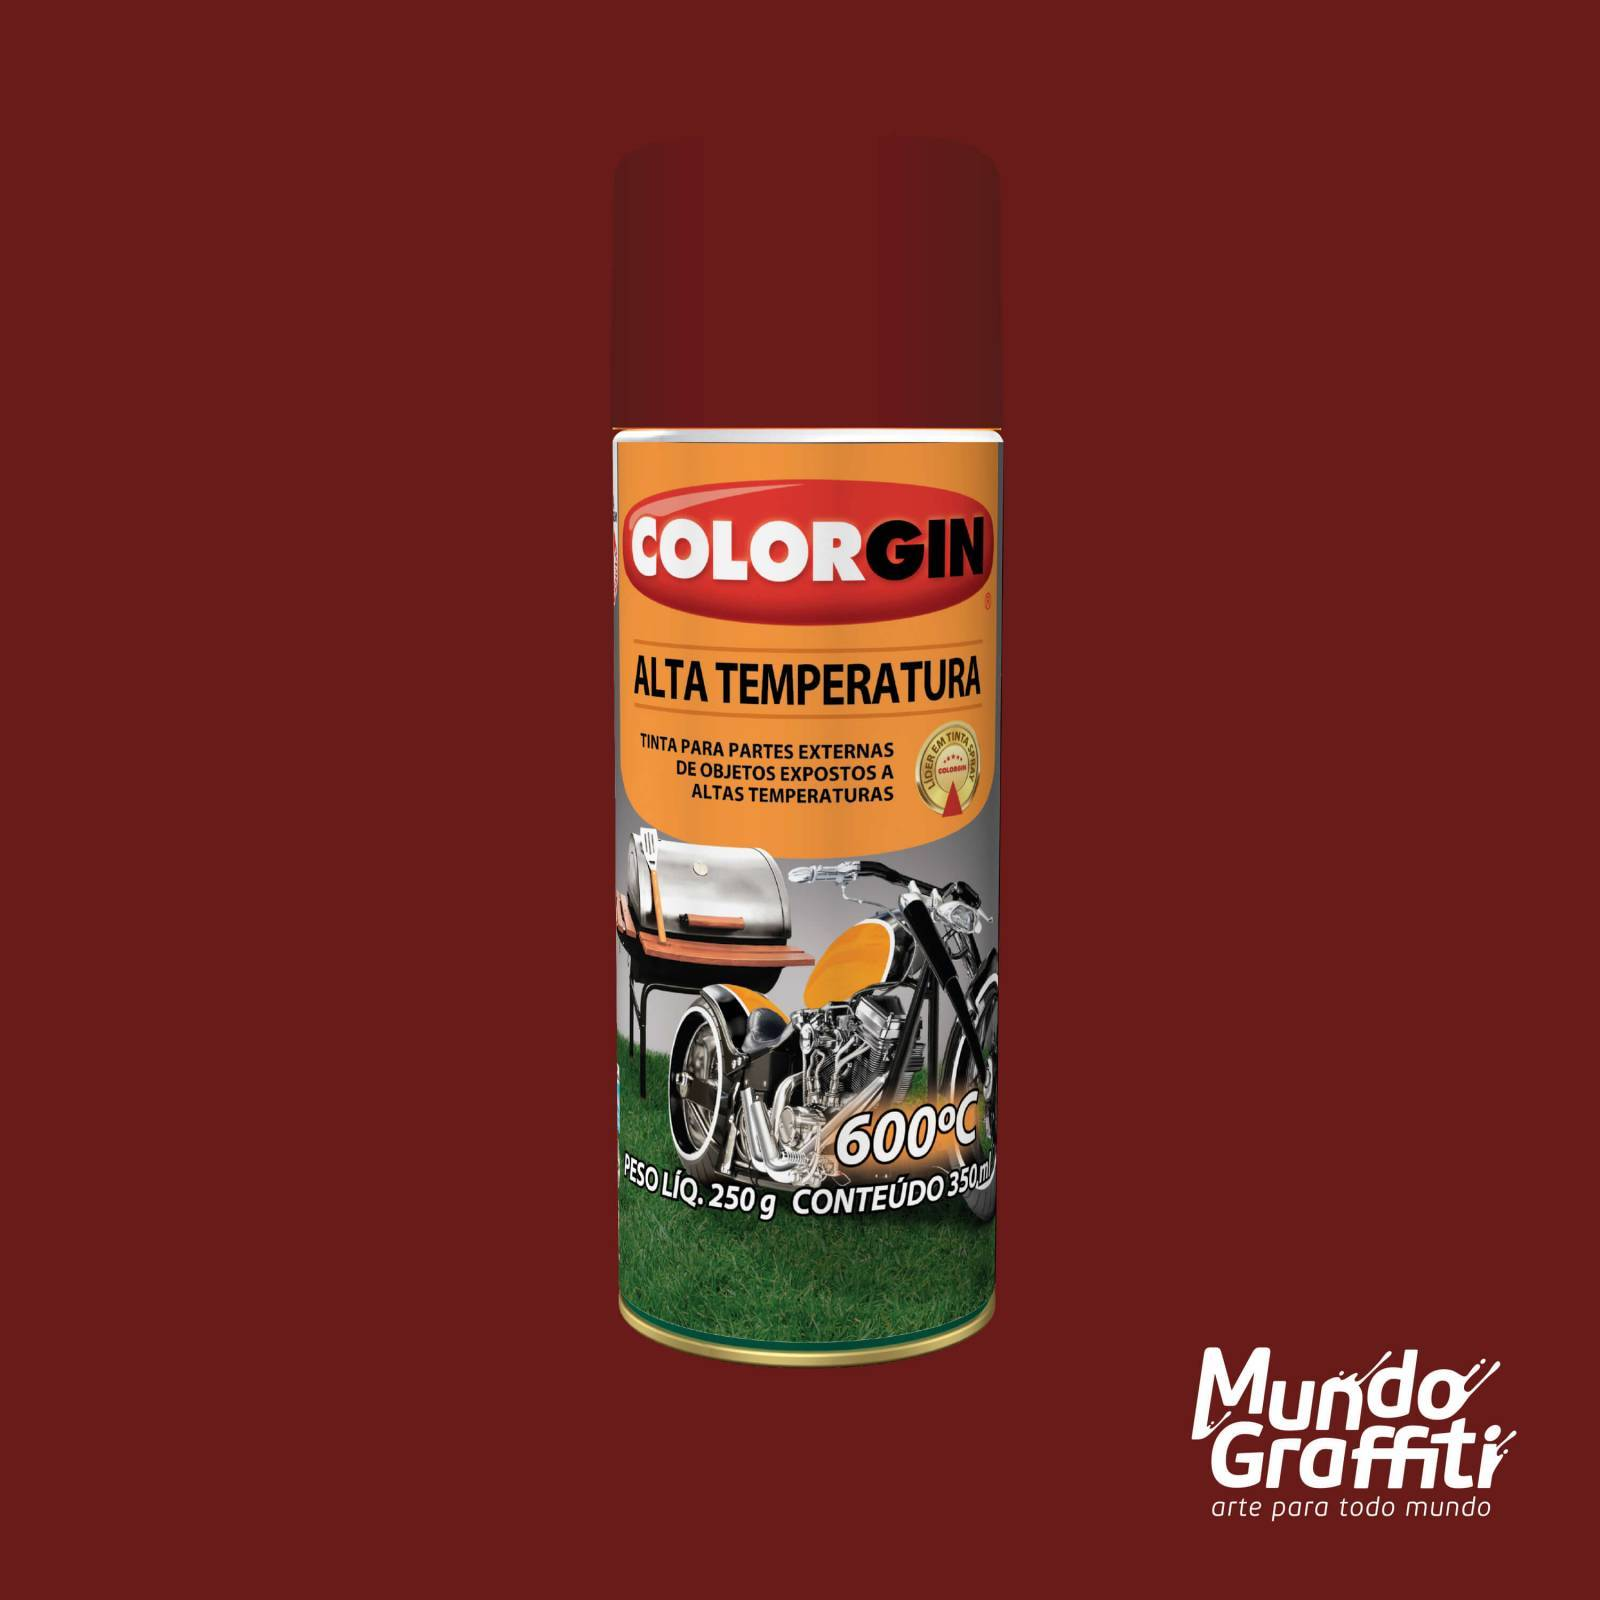 Tinta Spray Colorgin Alta Temperatura 5725 Vermelho Fosco 30 - Mundo Graffiti